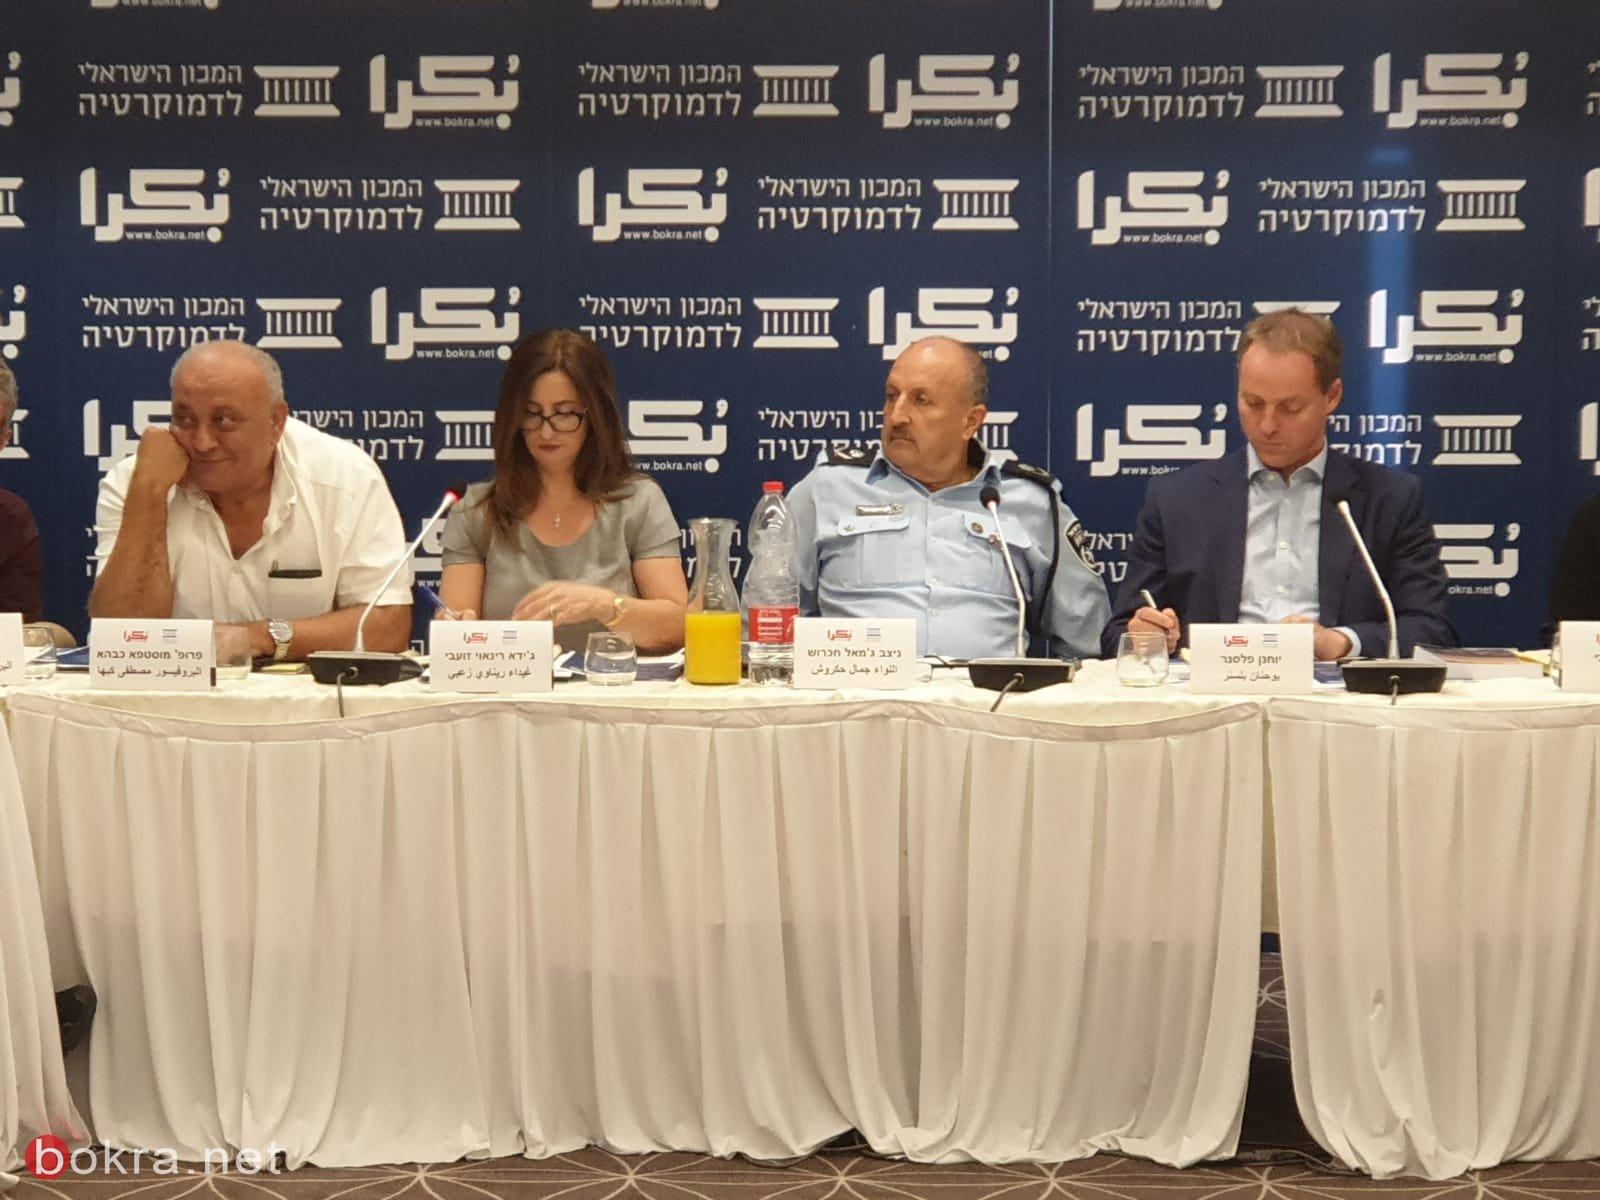 العنف في المجتمع العربي، أسبابه، والحلول لمكافحته؟ .. يوم دراسي في الناصرة-80